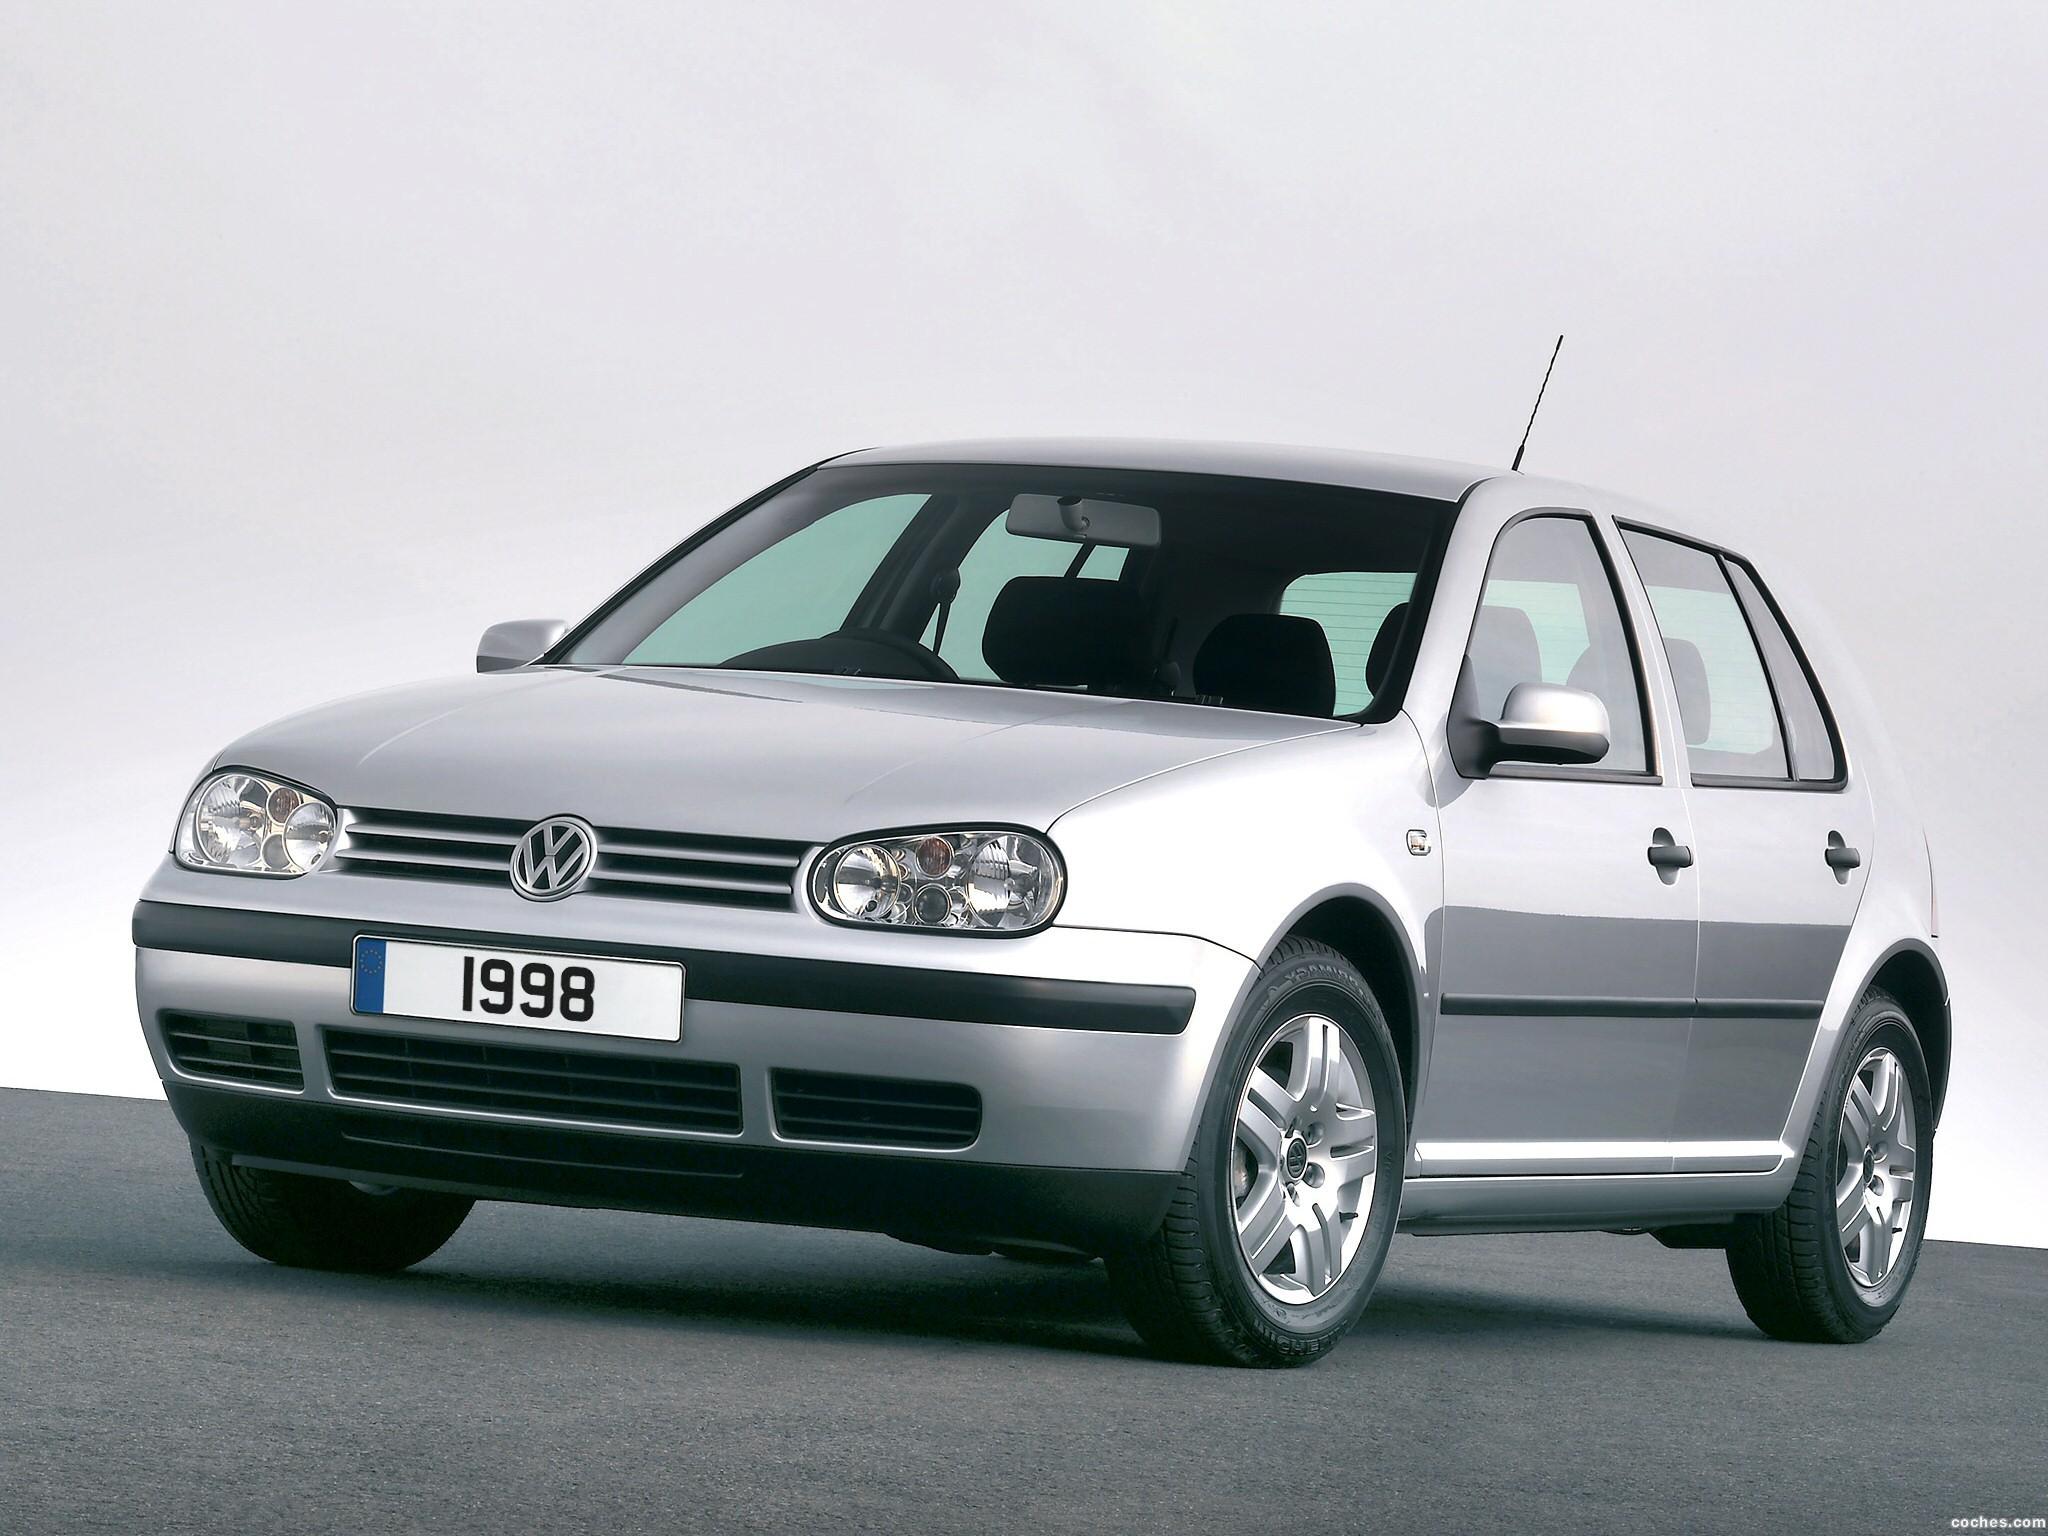 Foto 0 de Volkswagen Golf IV 1998